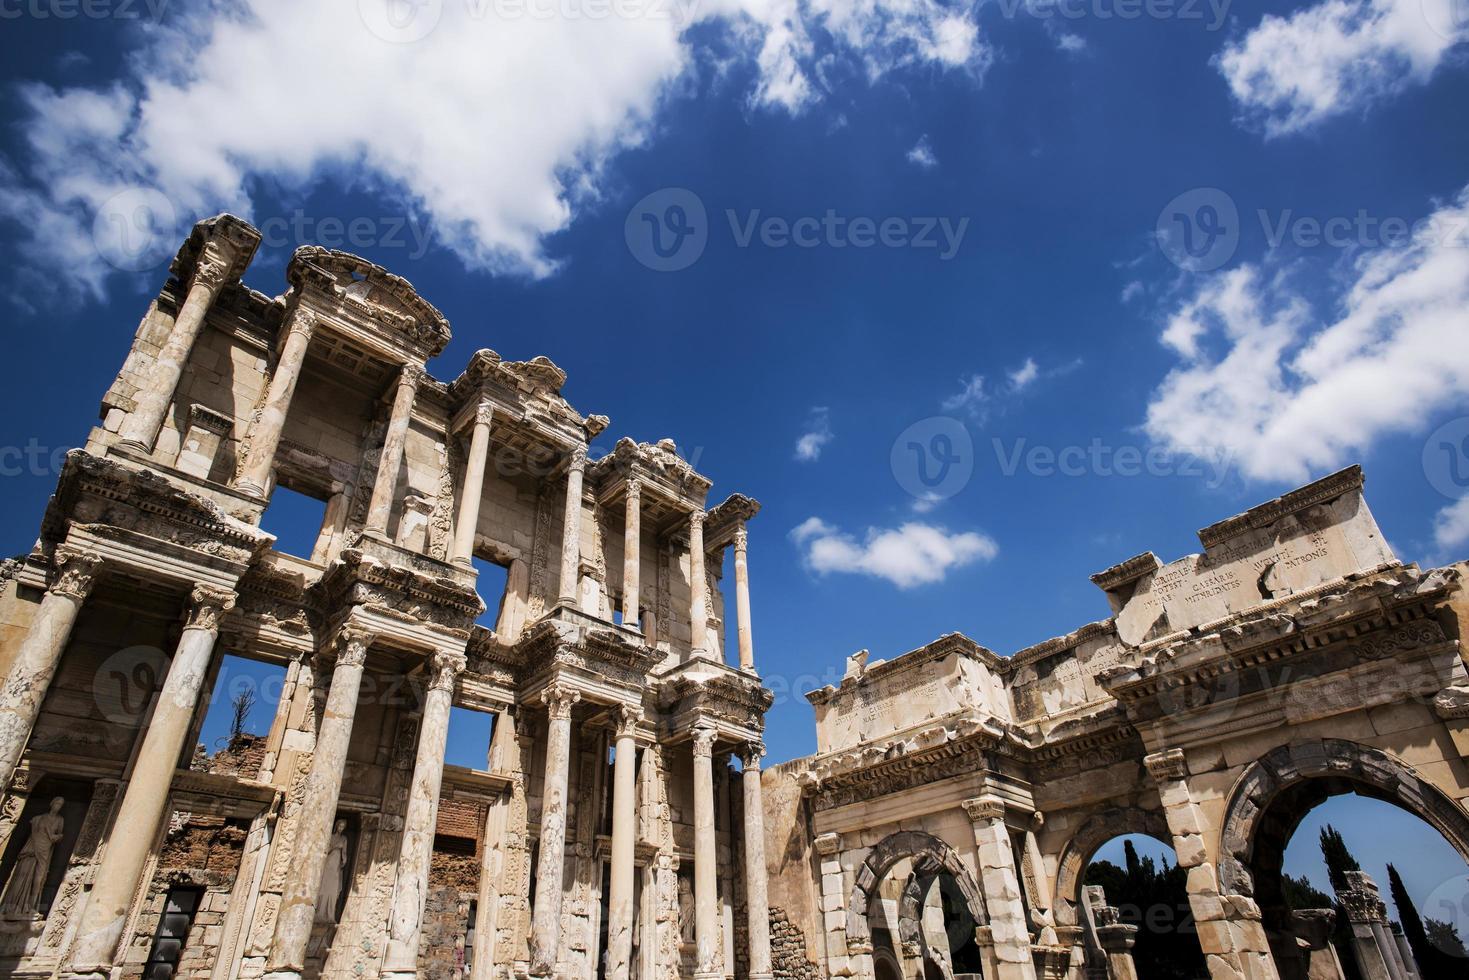 celsus bibliotheek in ephesus museum, turkije foto